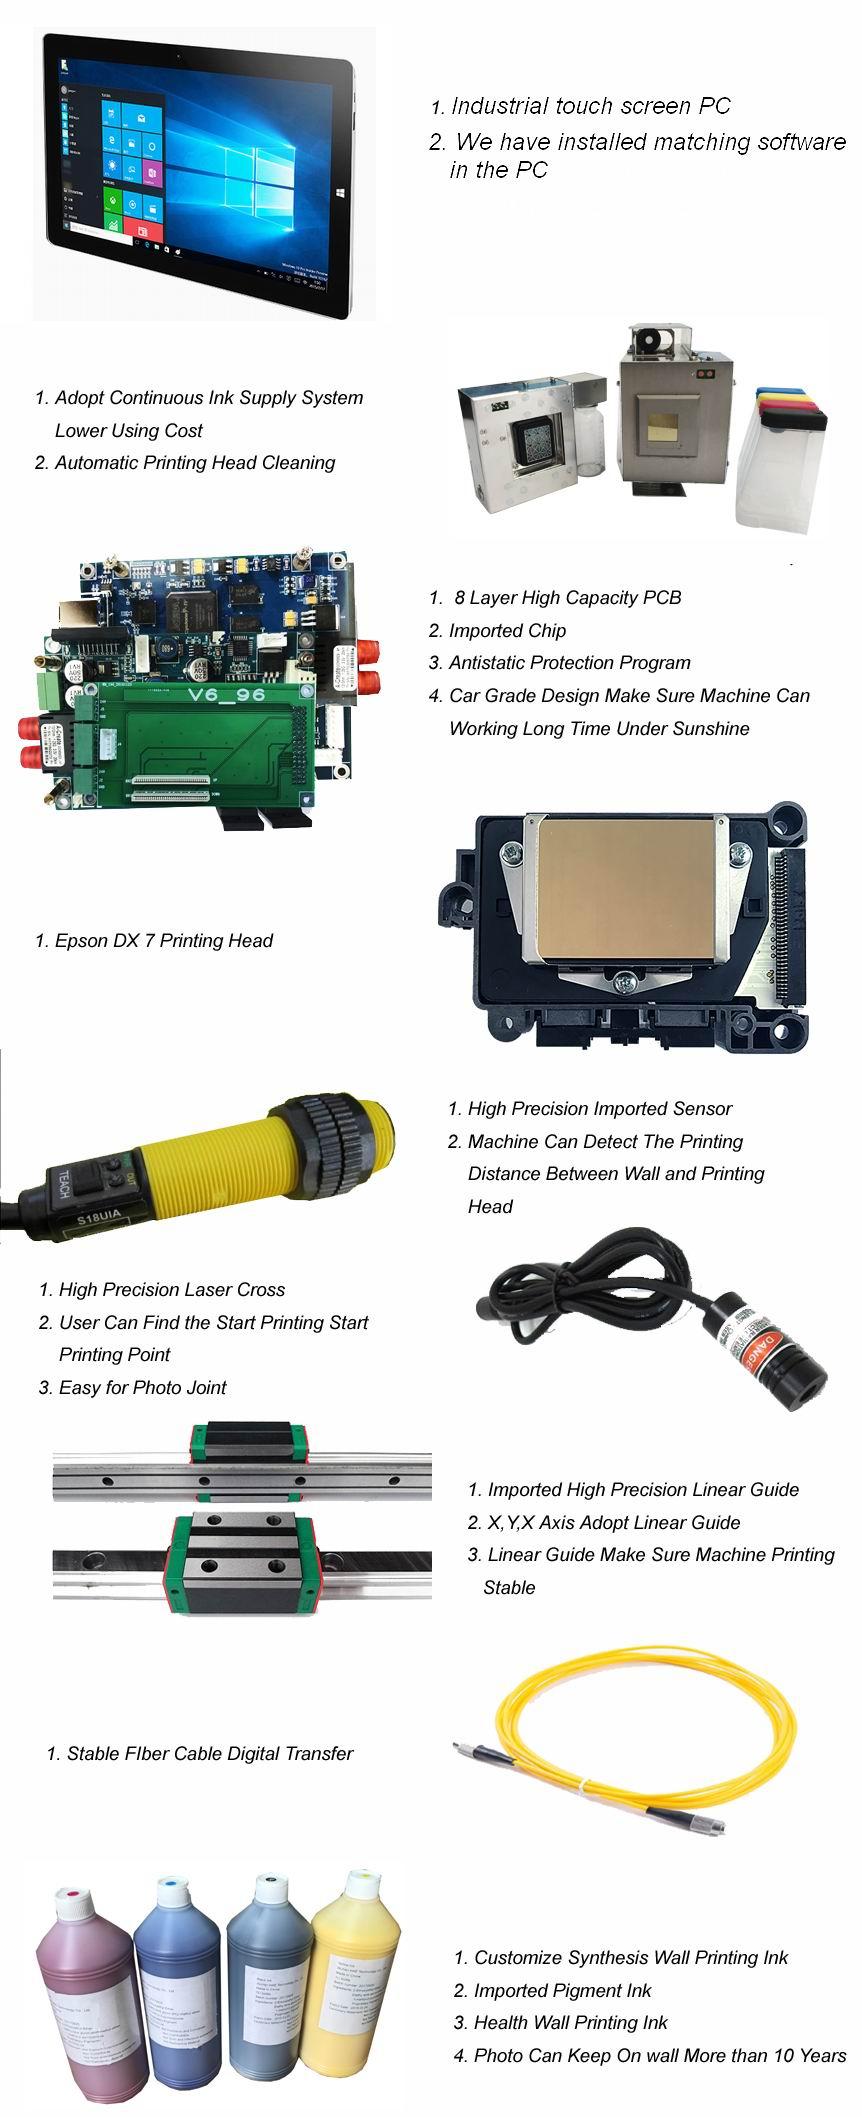 wall printer parts